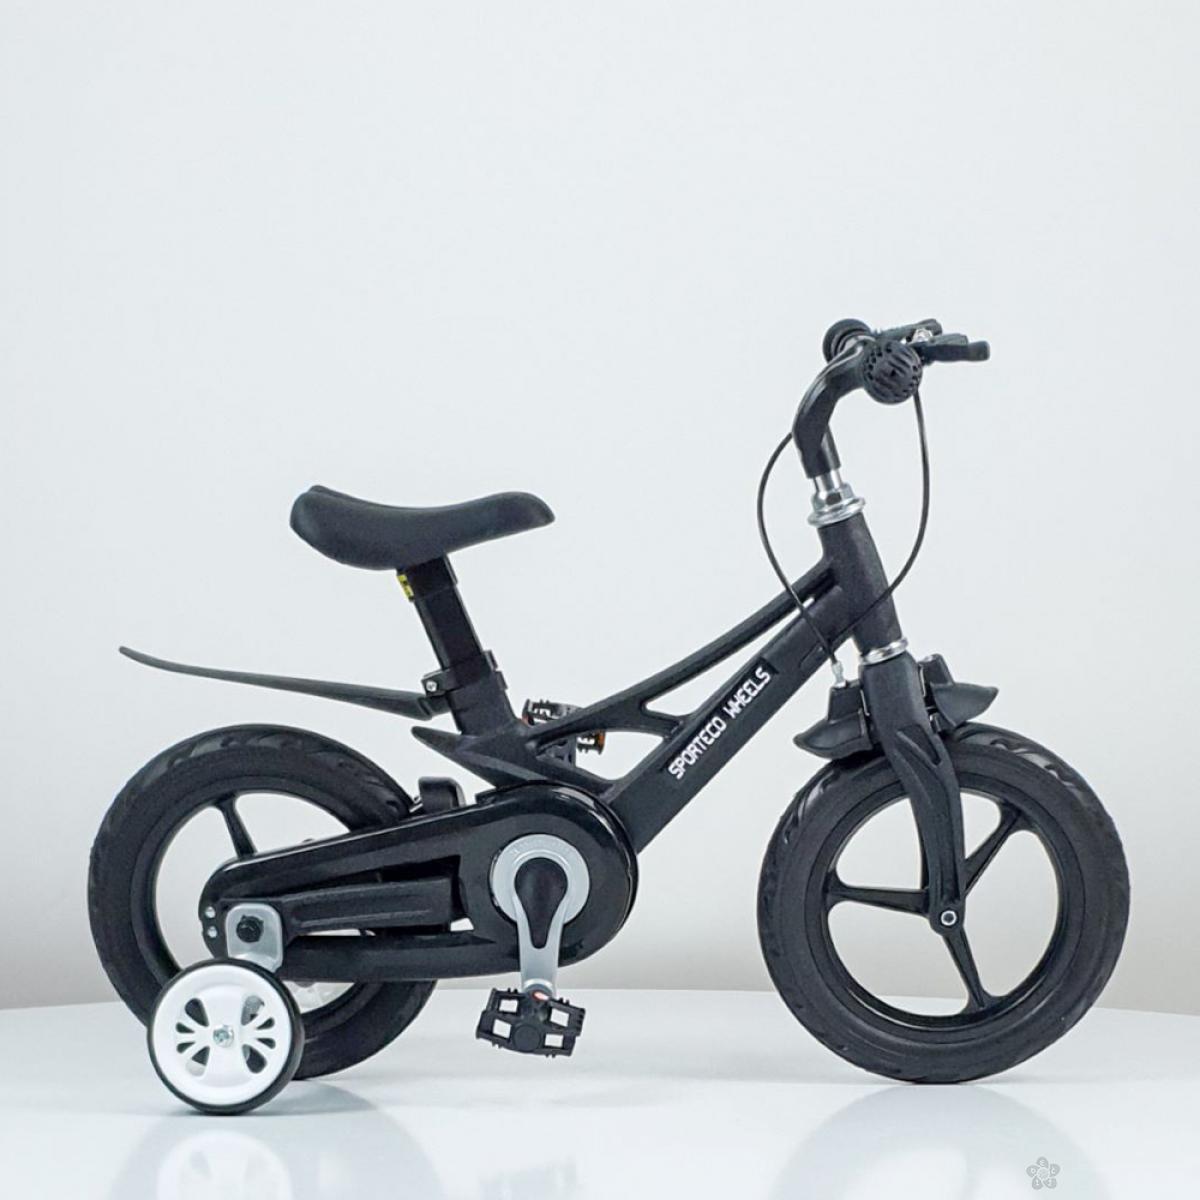 Bicikl Sporteco model 717-12 crni